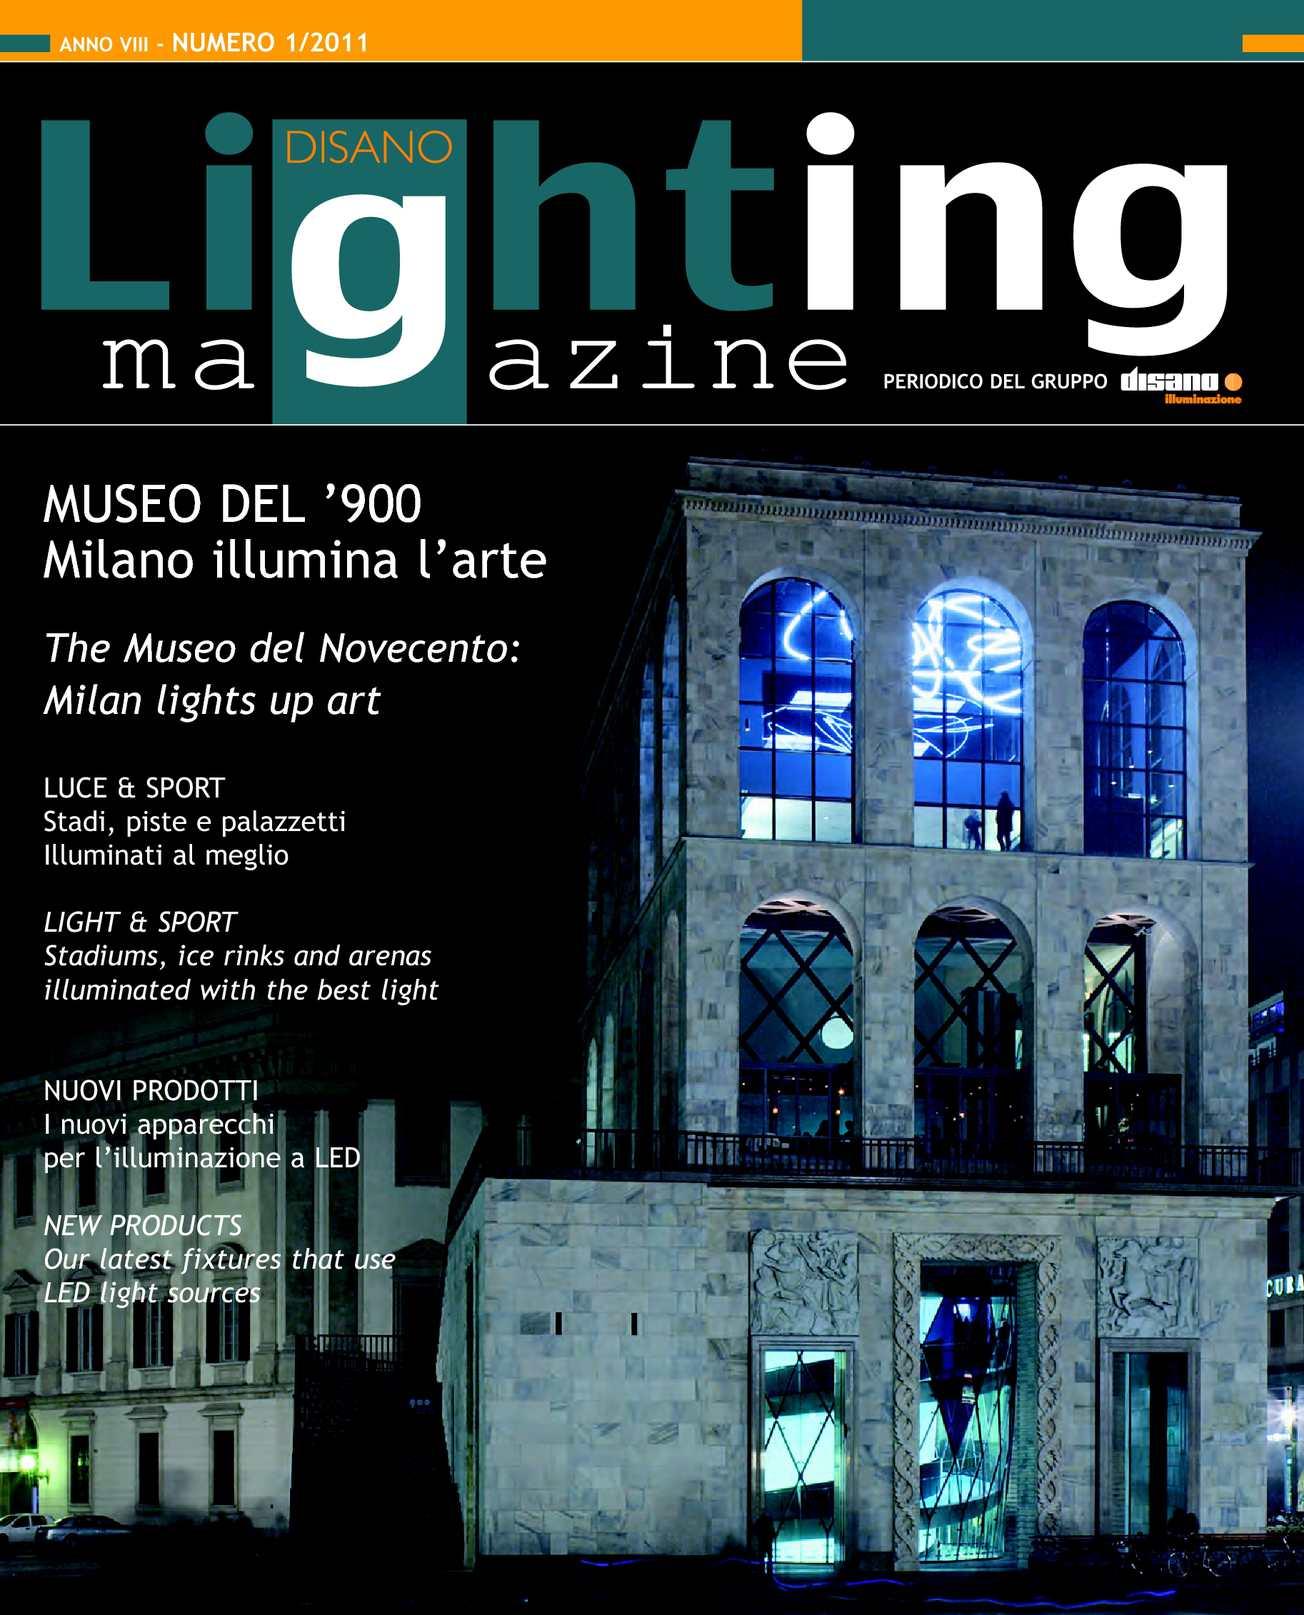 3er Set RGB LED muro esterno Luci Cambio Colore di facciata continua LAMPADE DOWN SPOT Dimmerabile